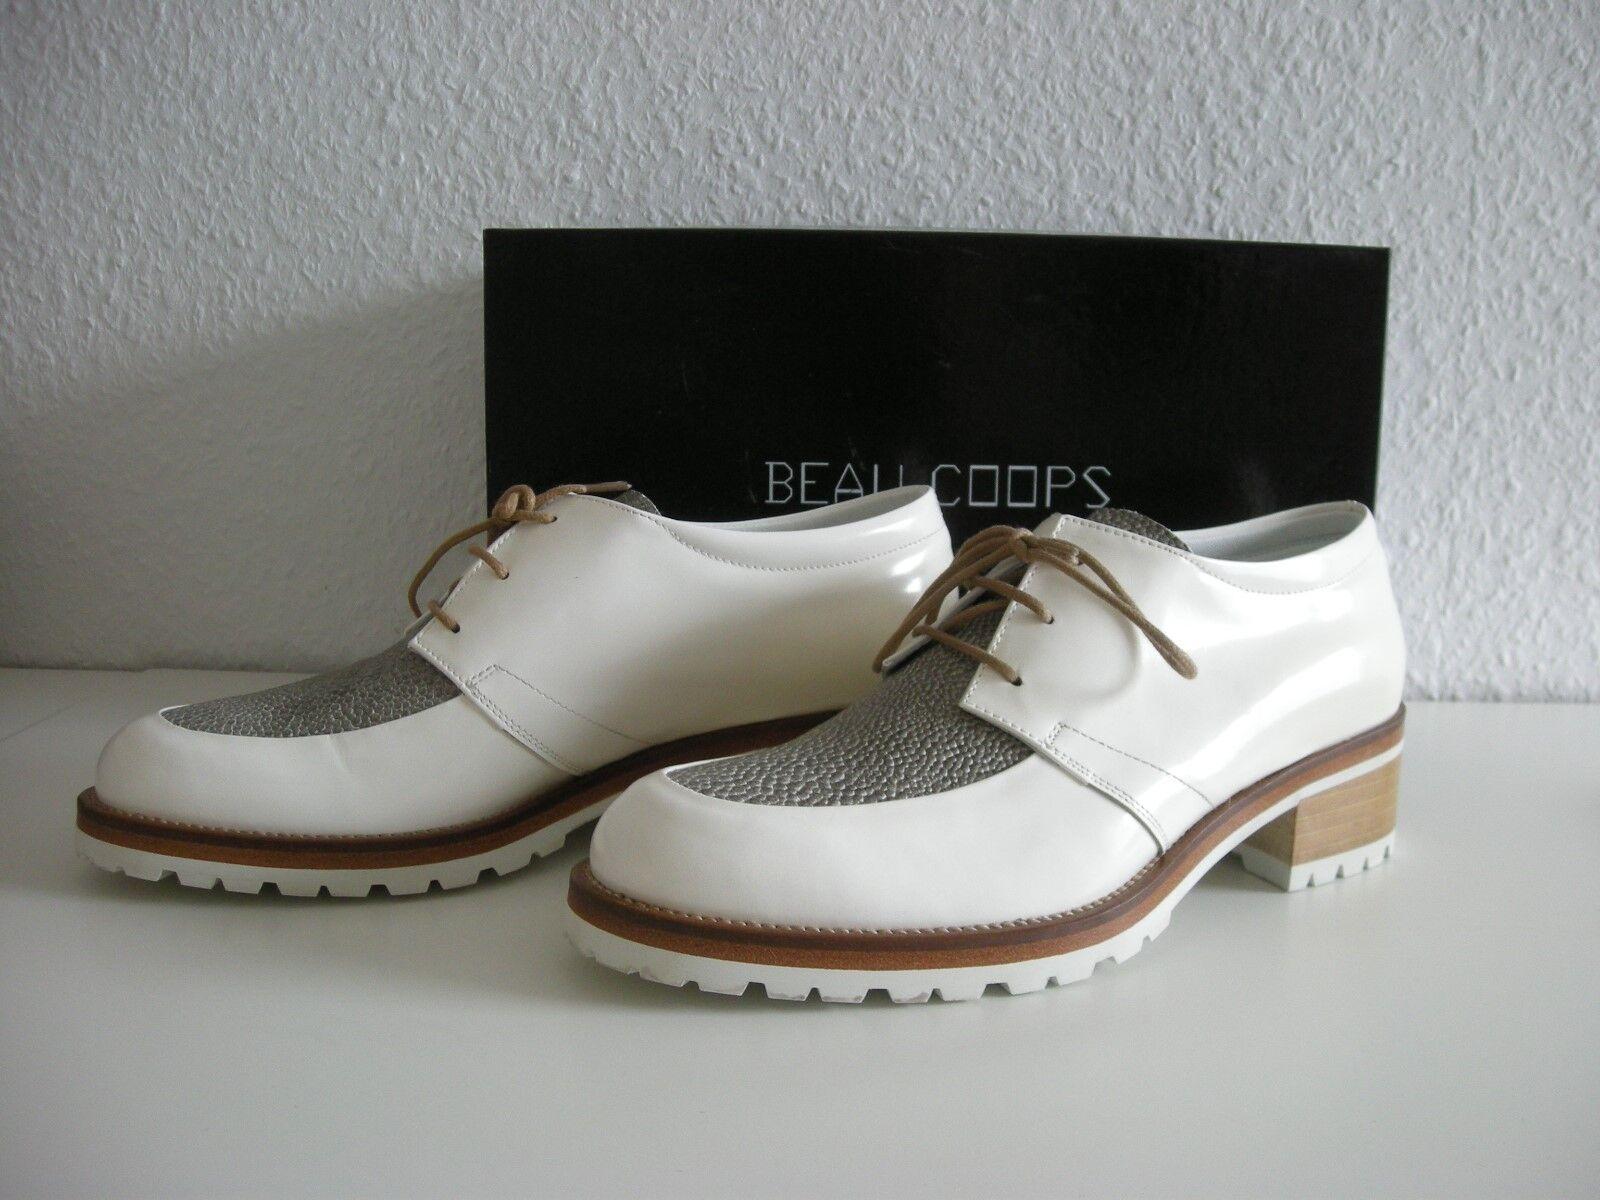 Schicke Designerschuhe 38, für den Sommer von Beau Coops, Gr. 38, Designerschuhe Neu mit Karton 6cf898